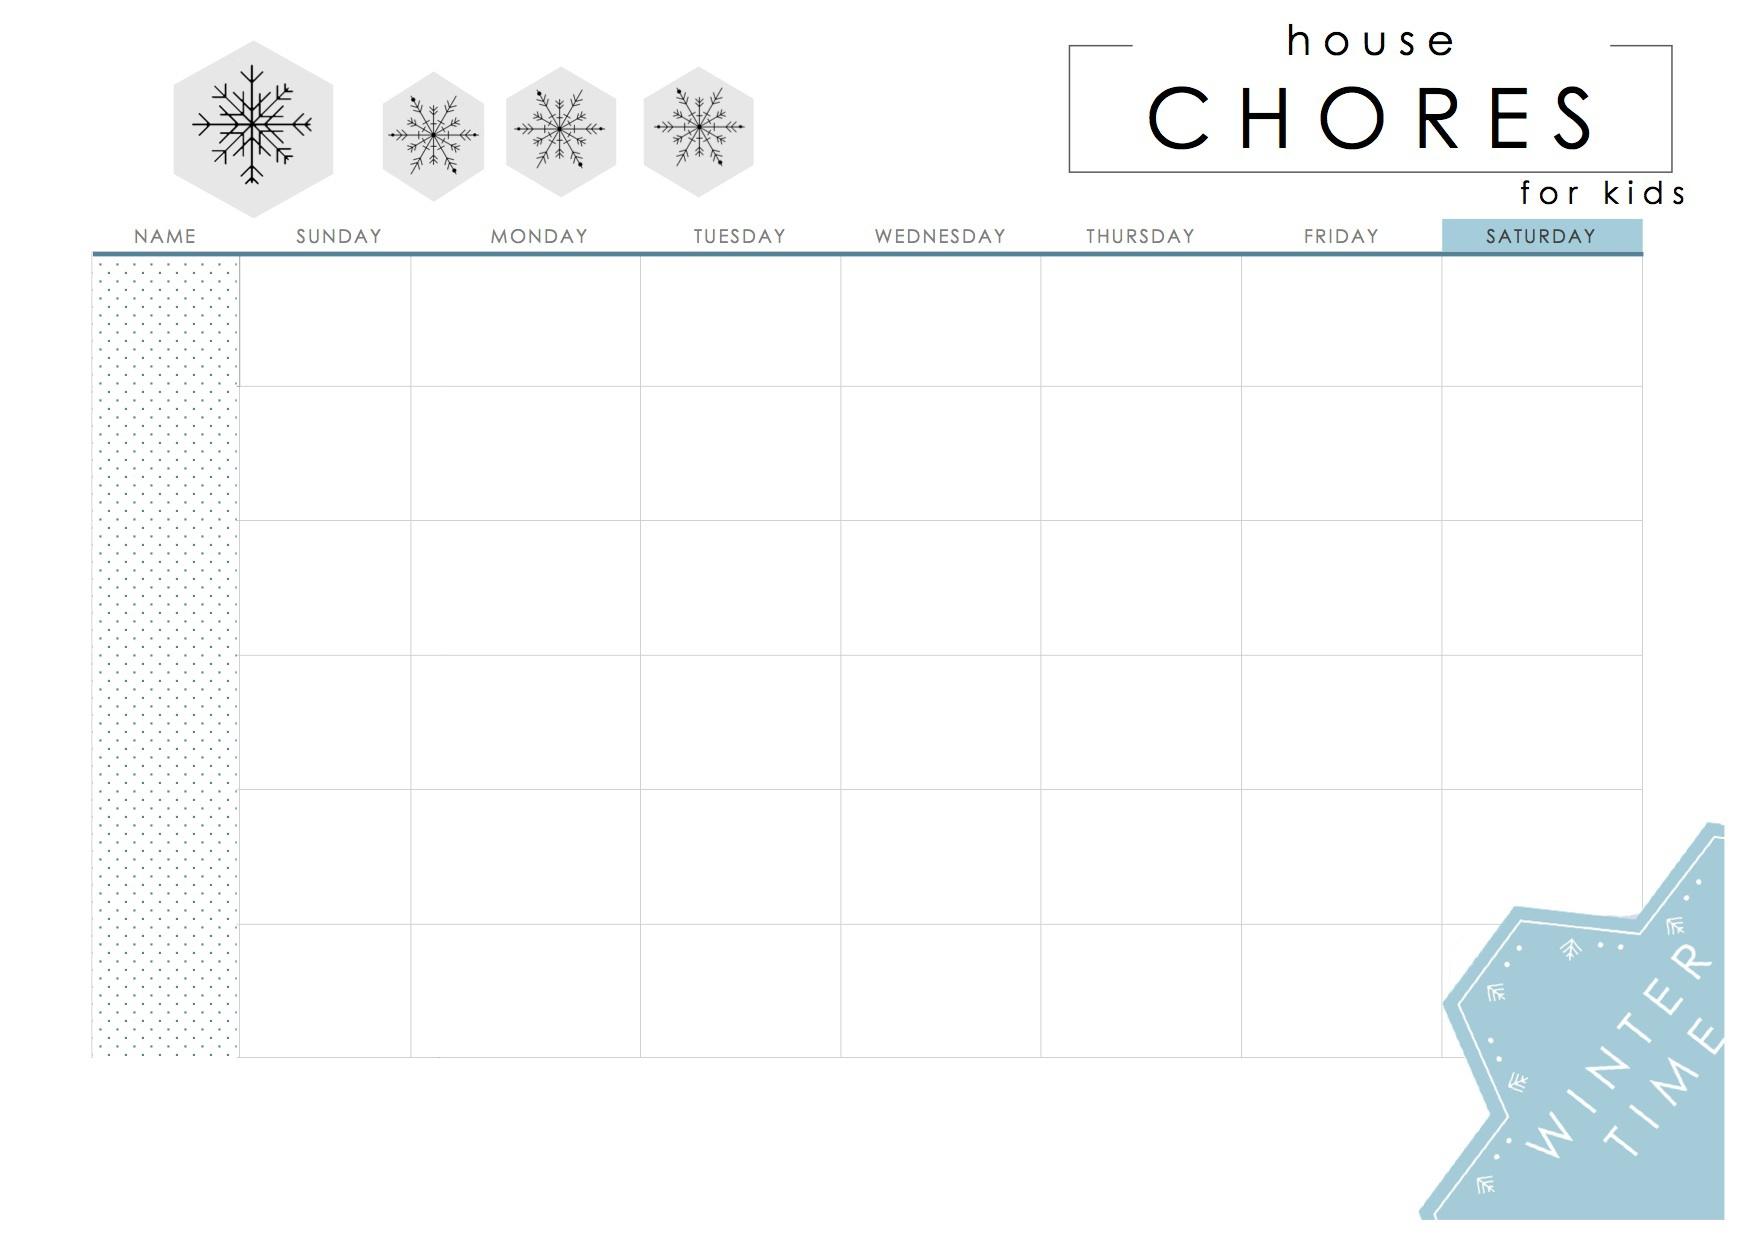 2013-12 - House chores for kids.jpg